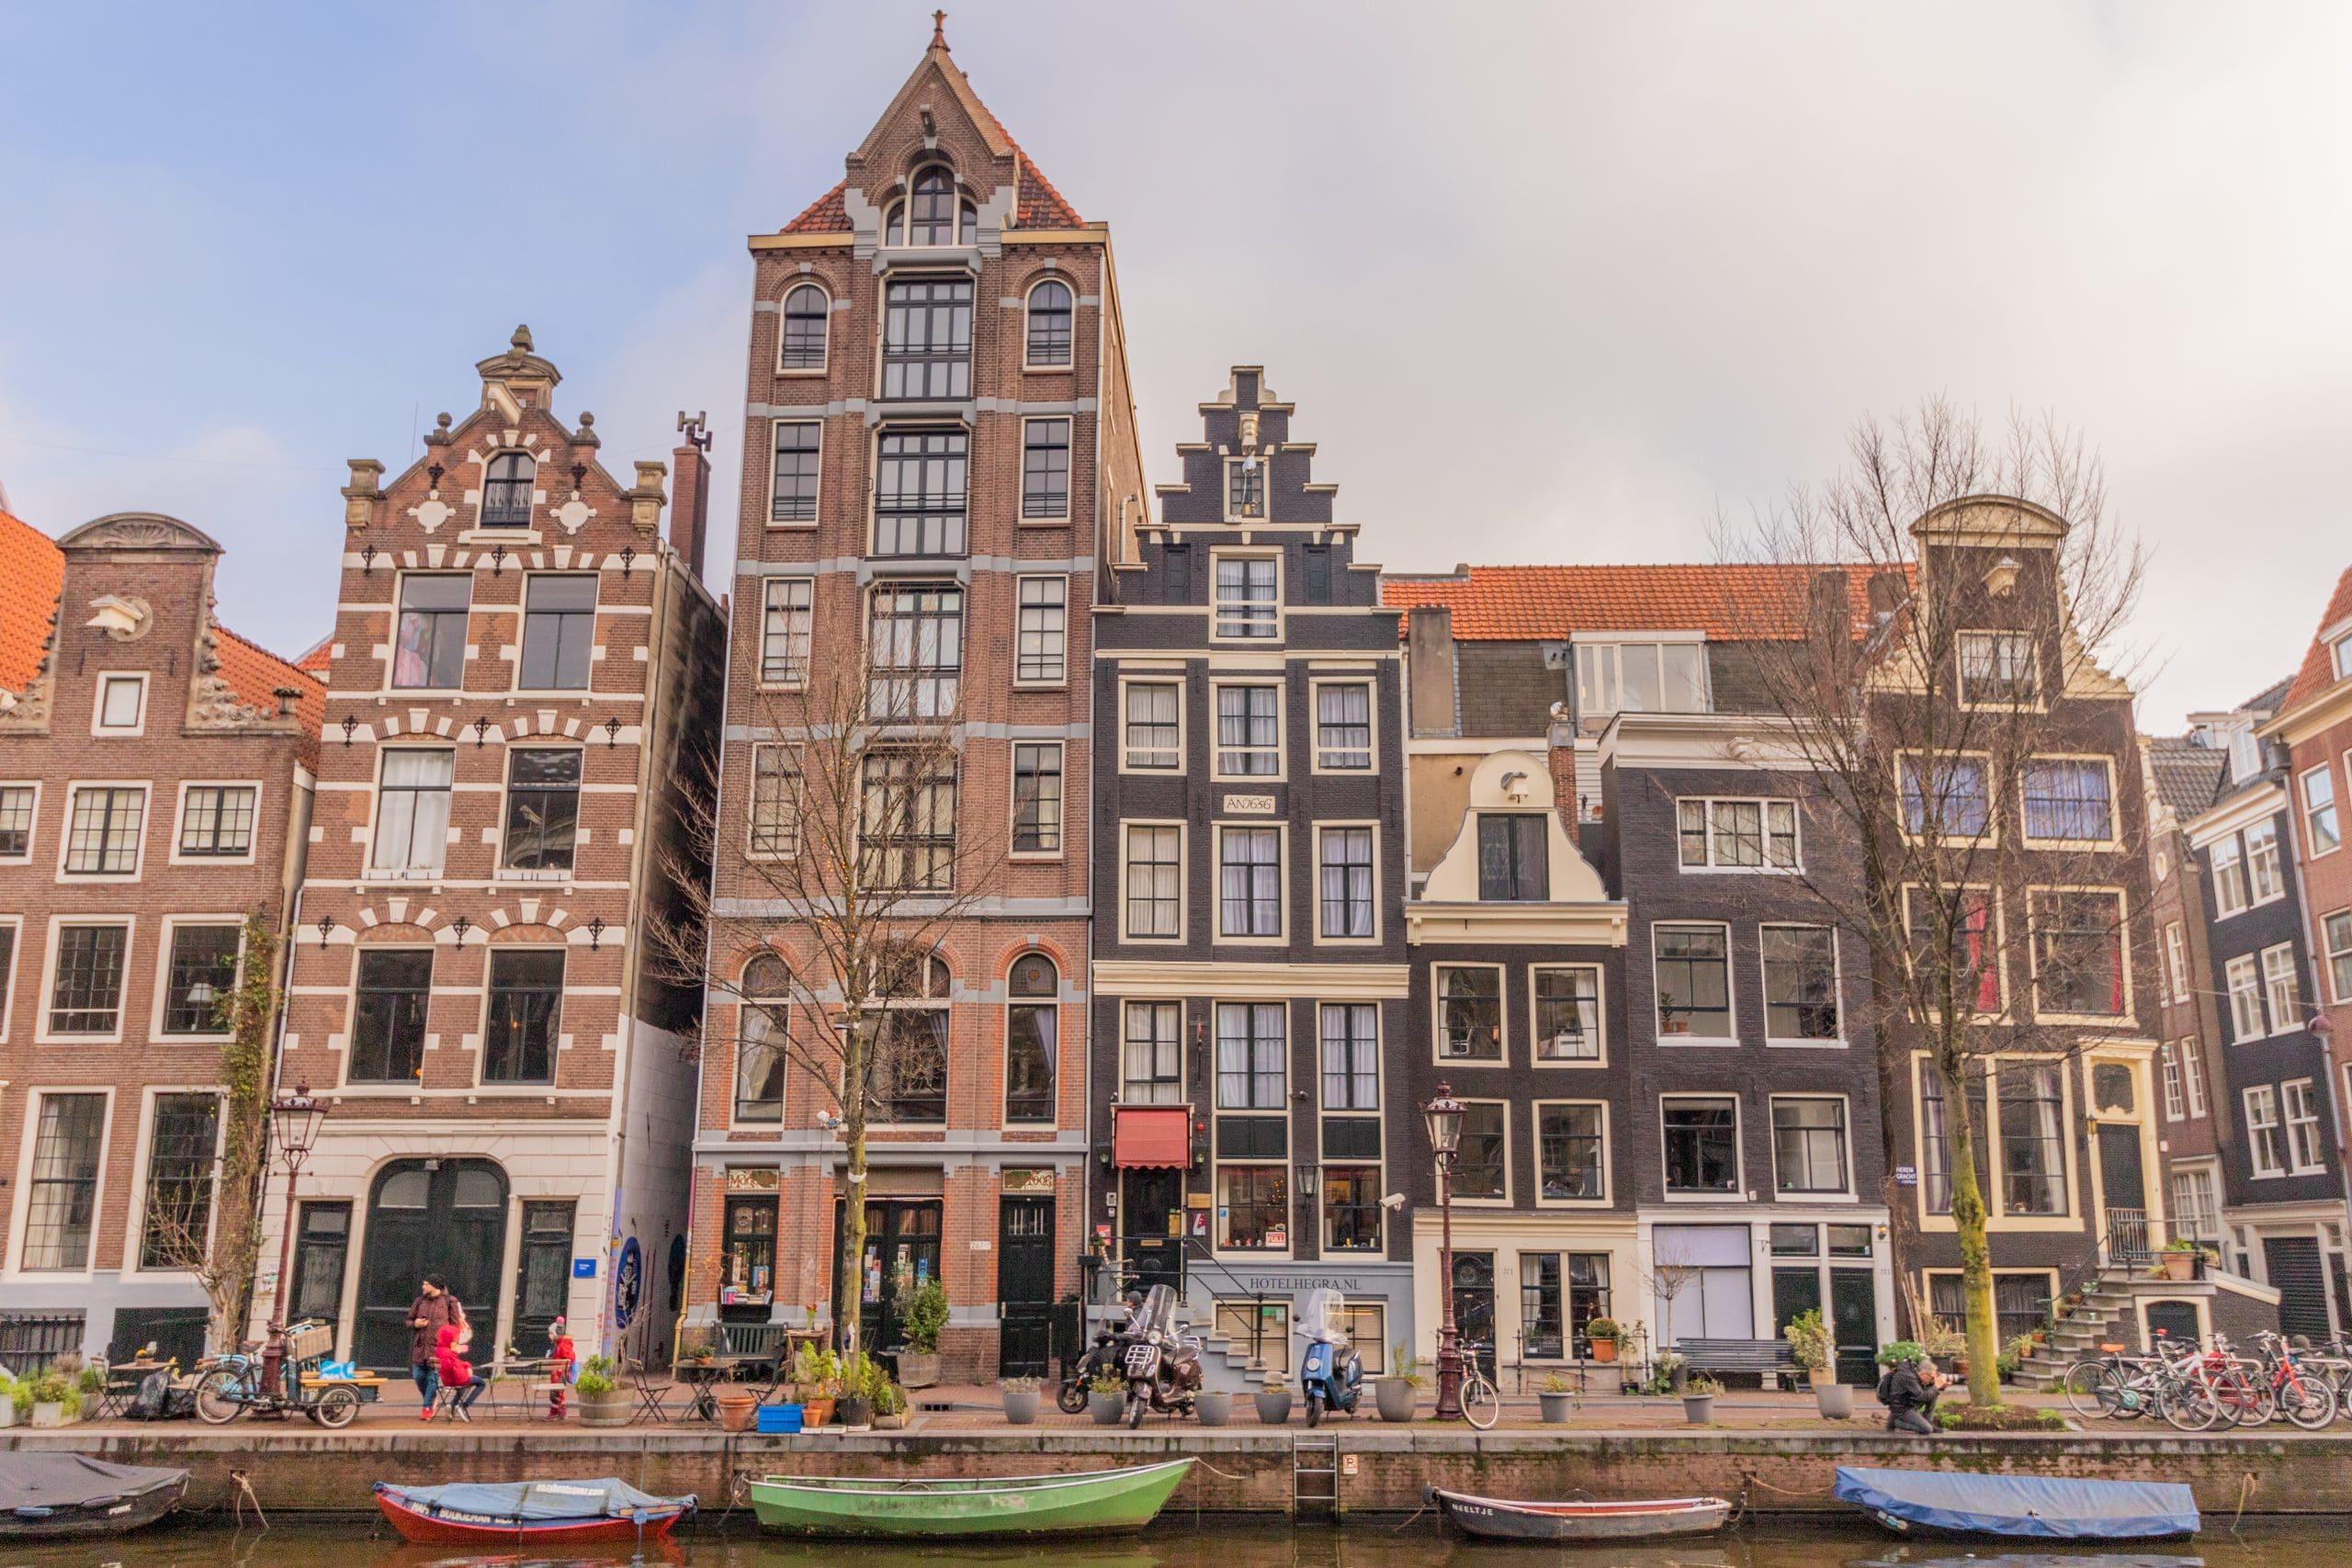 Amsterdam-20181231-5N6A0324_1